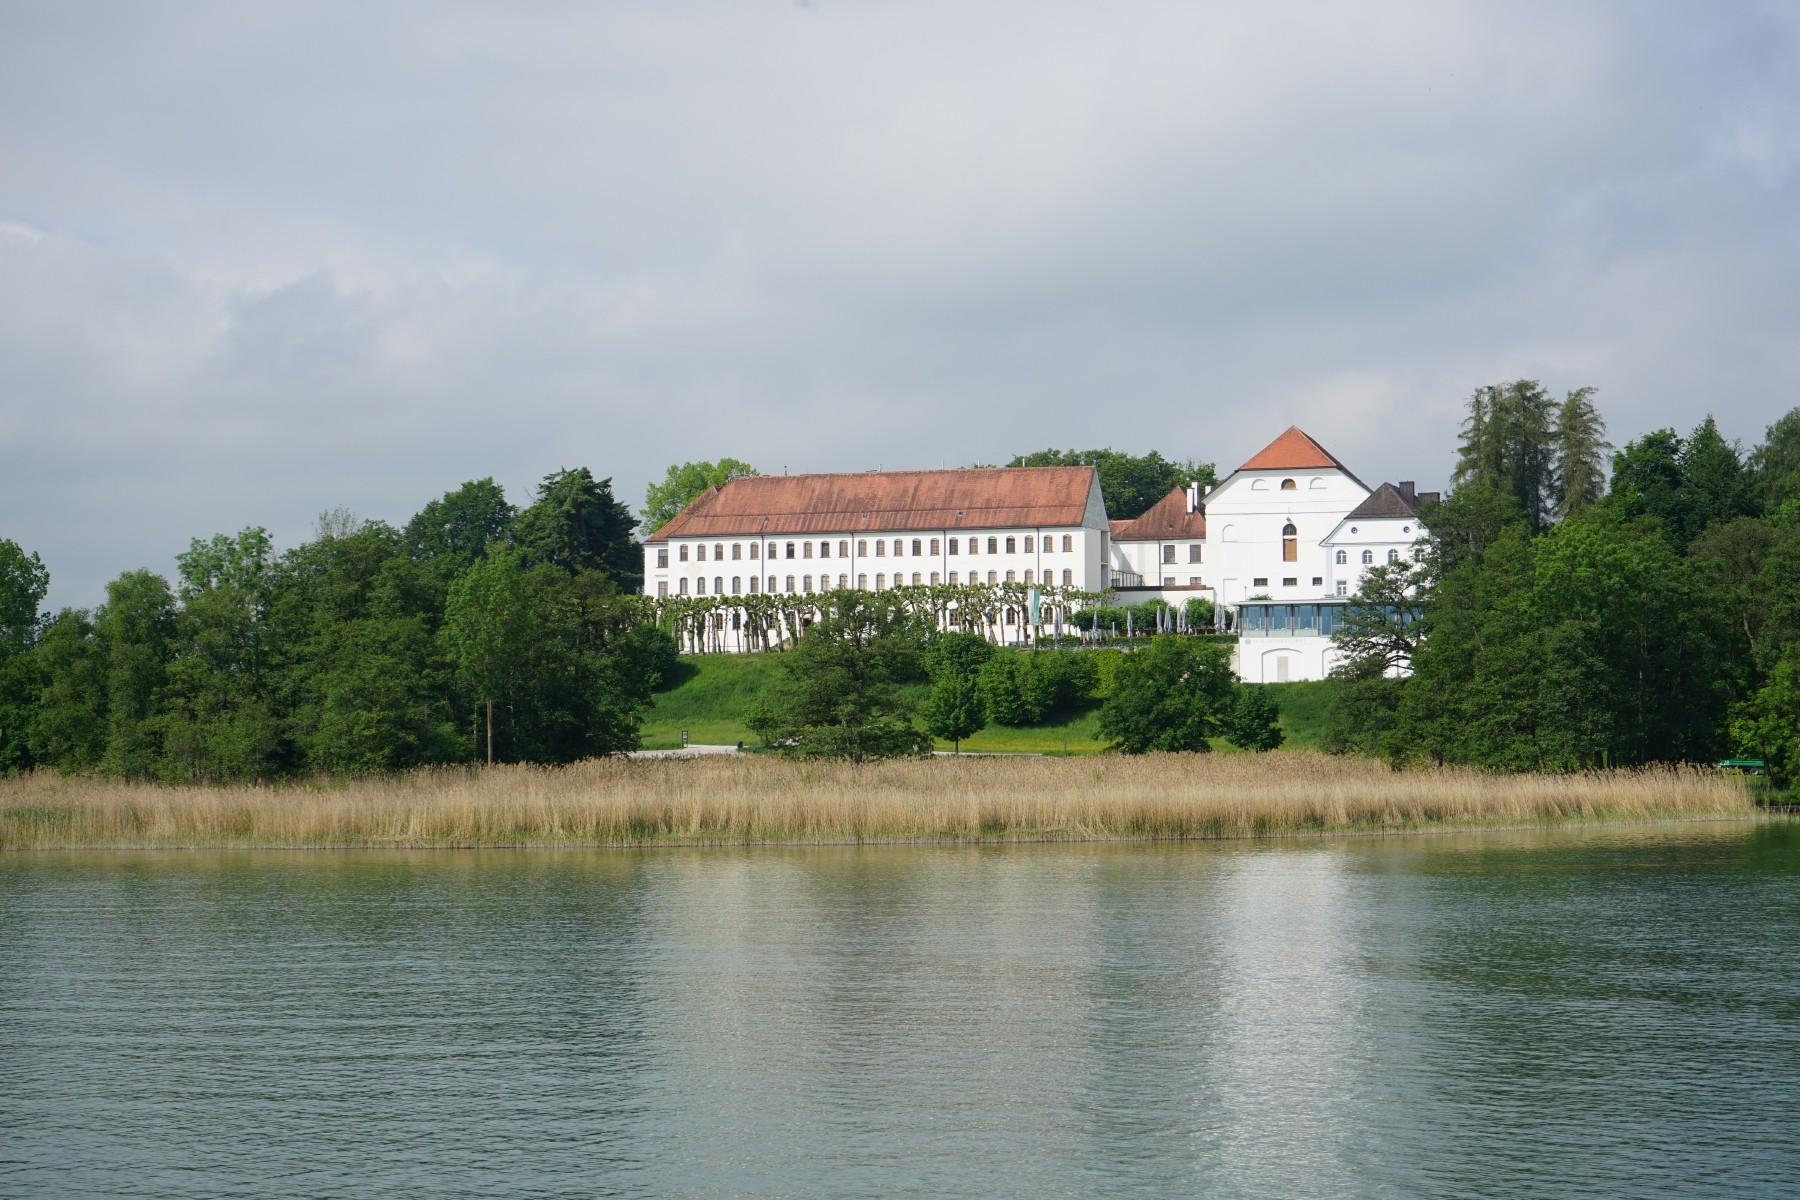 Schlosshotel-Herreninsel.jpg